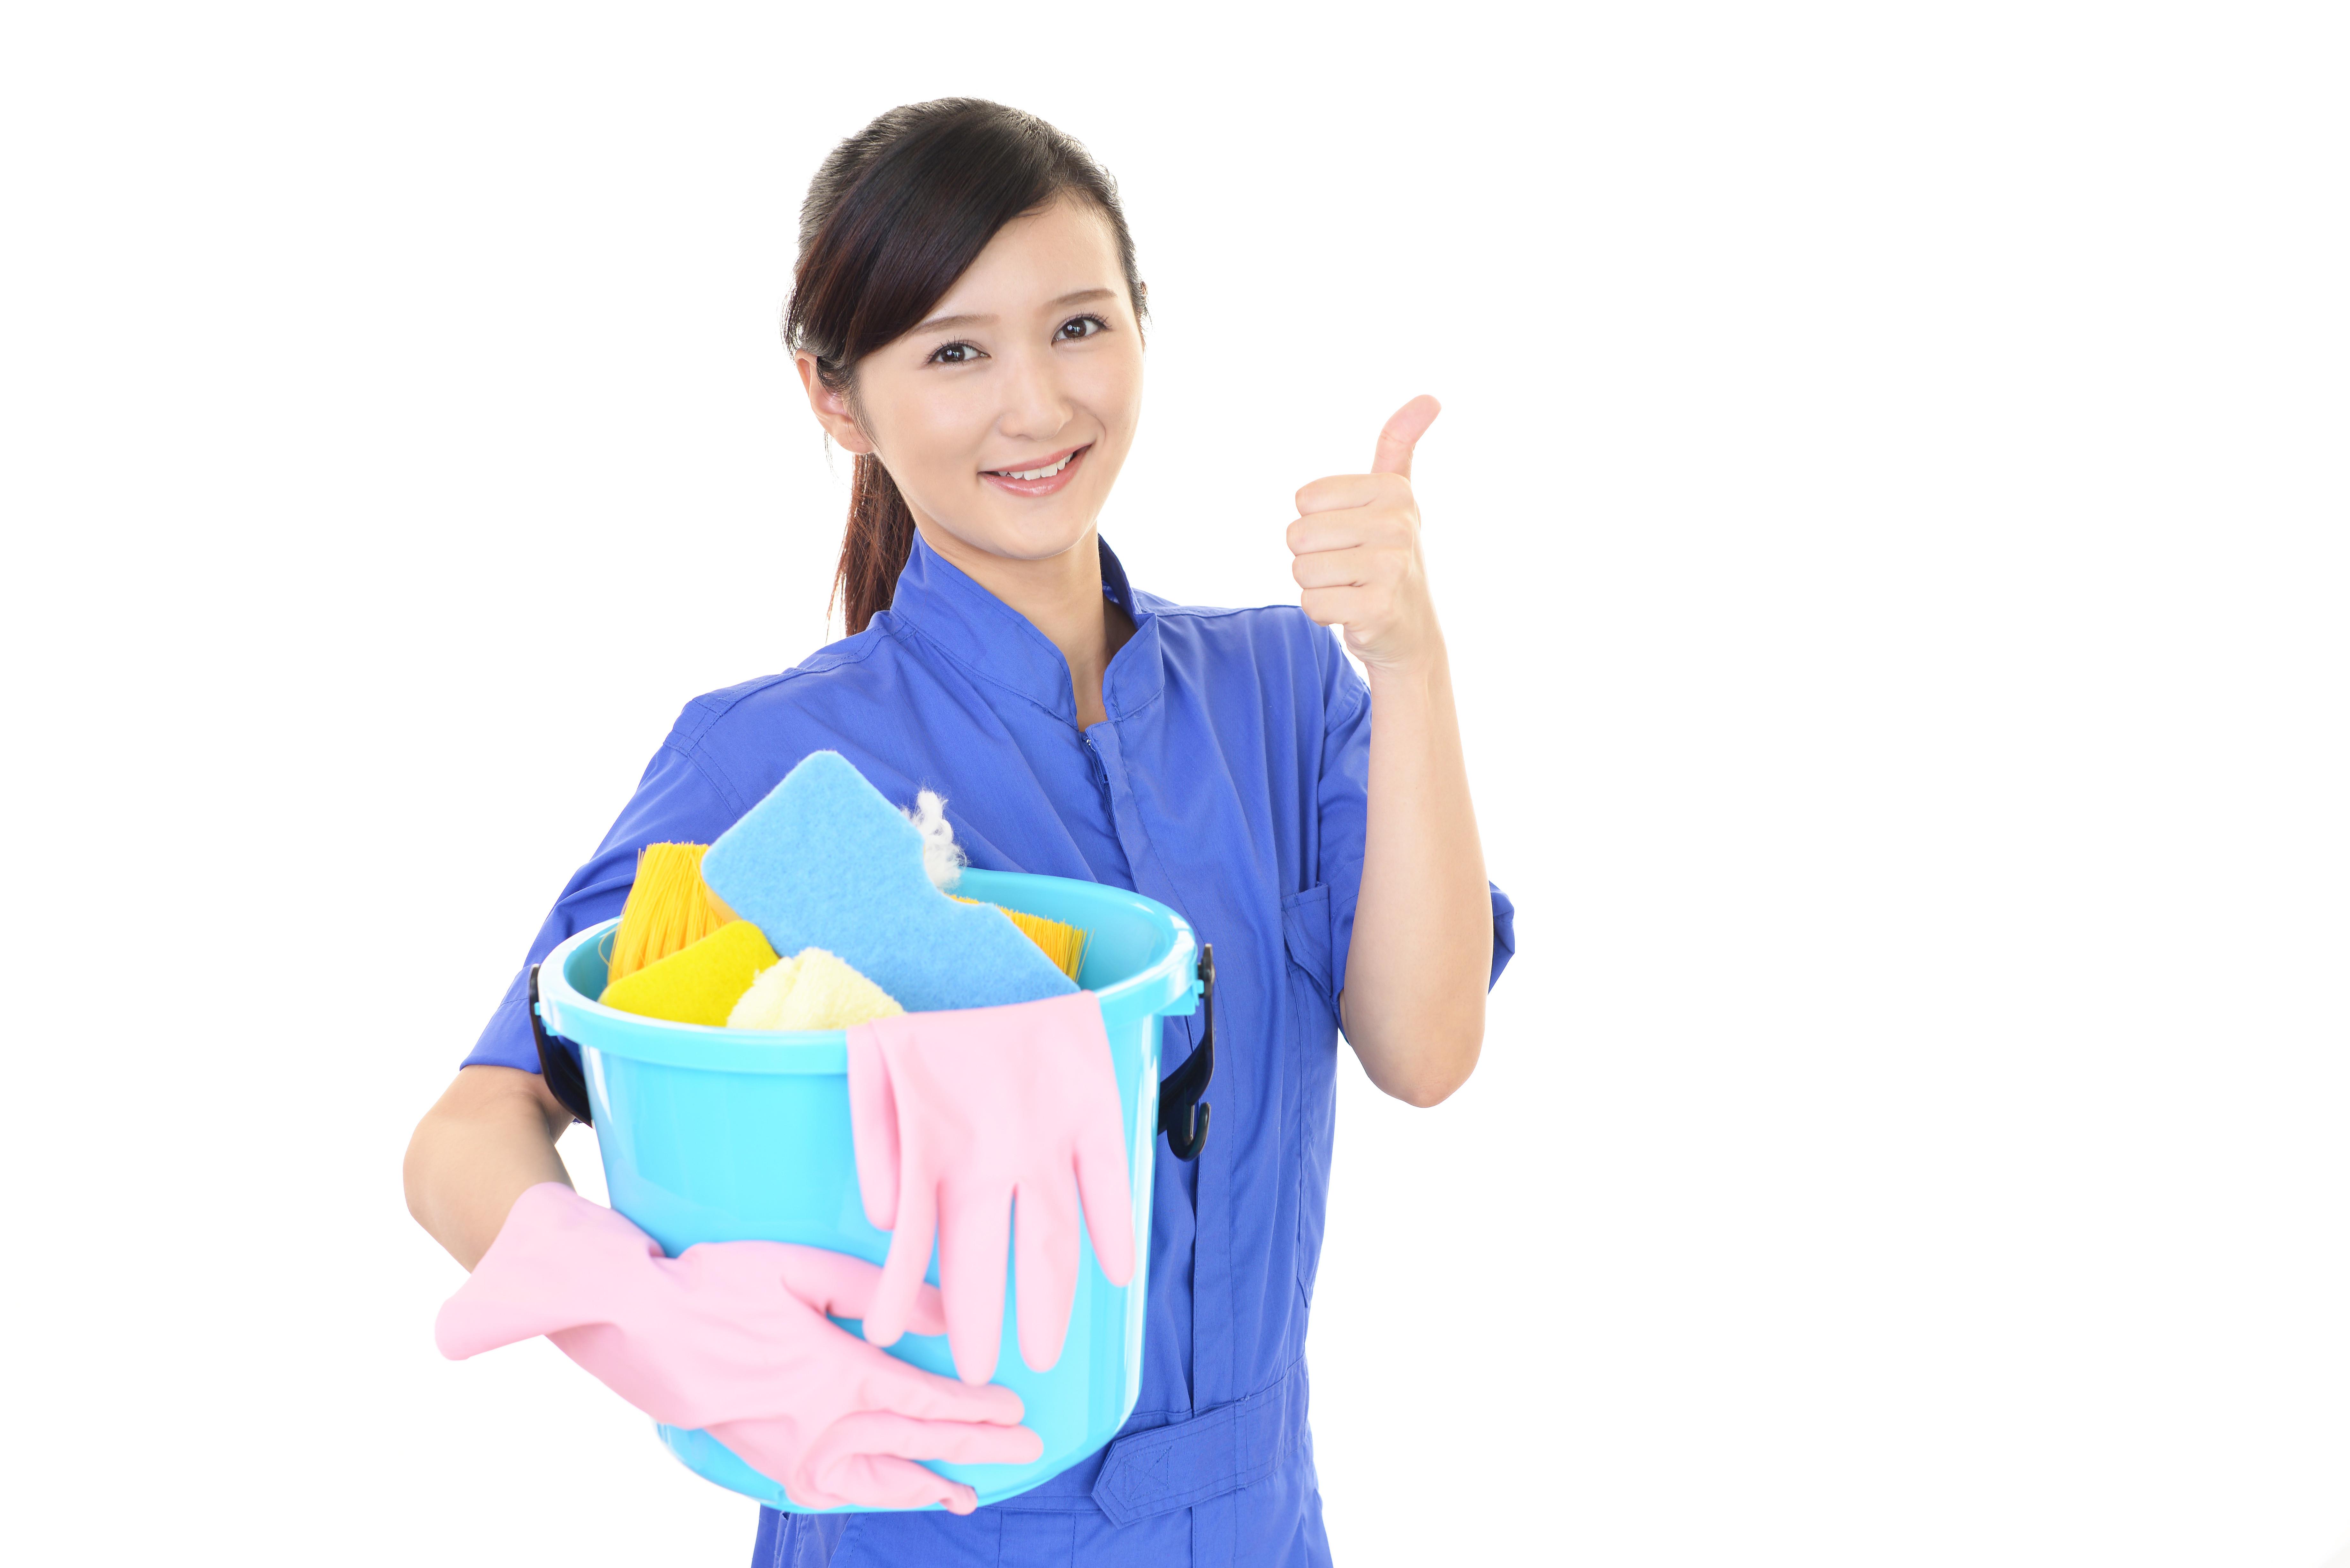 清掃スタッフ 上町エリア 共同産業株式会社 のアルバイト情報